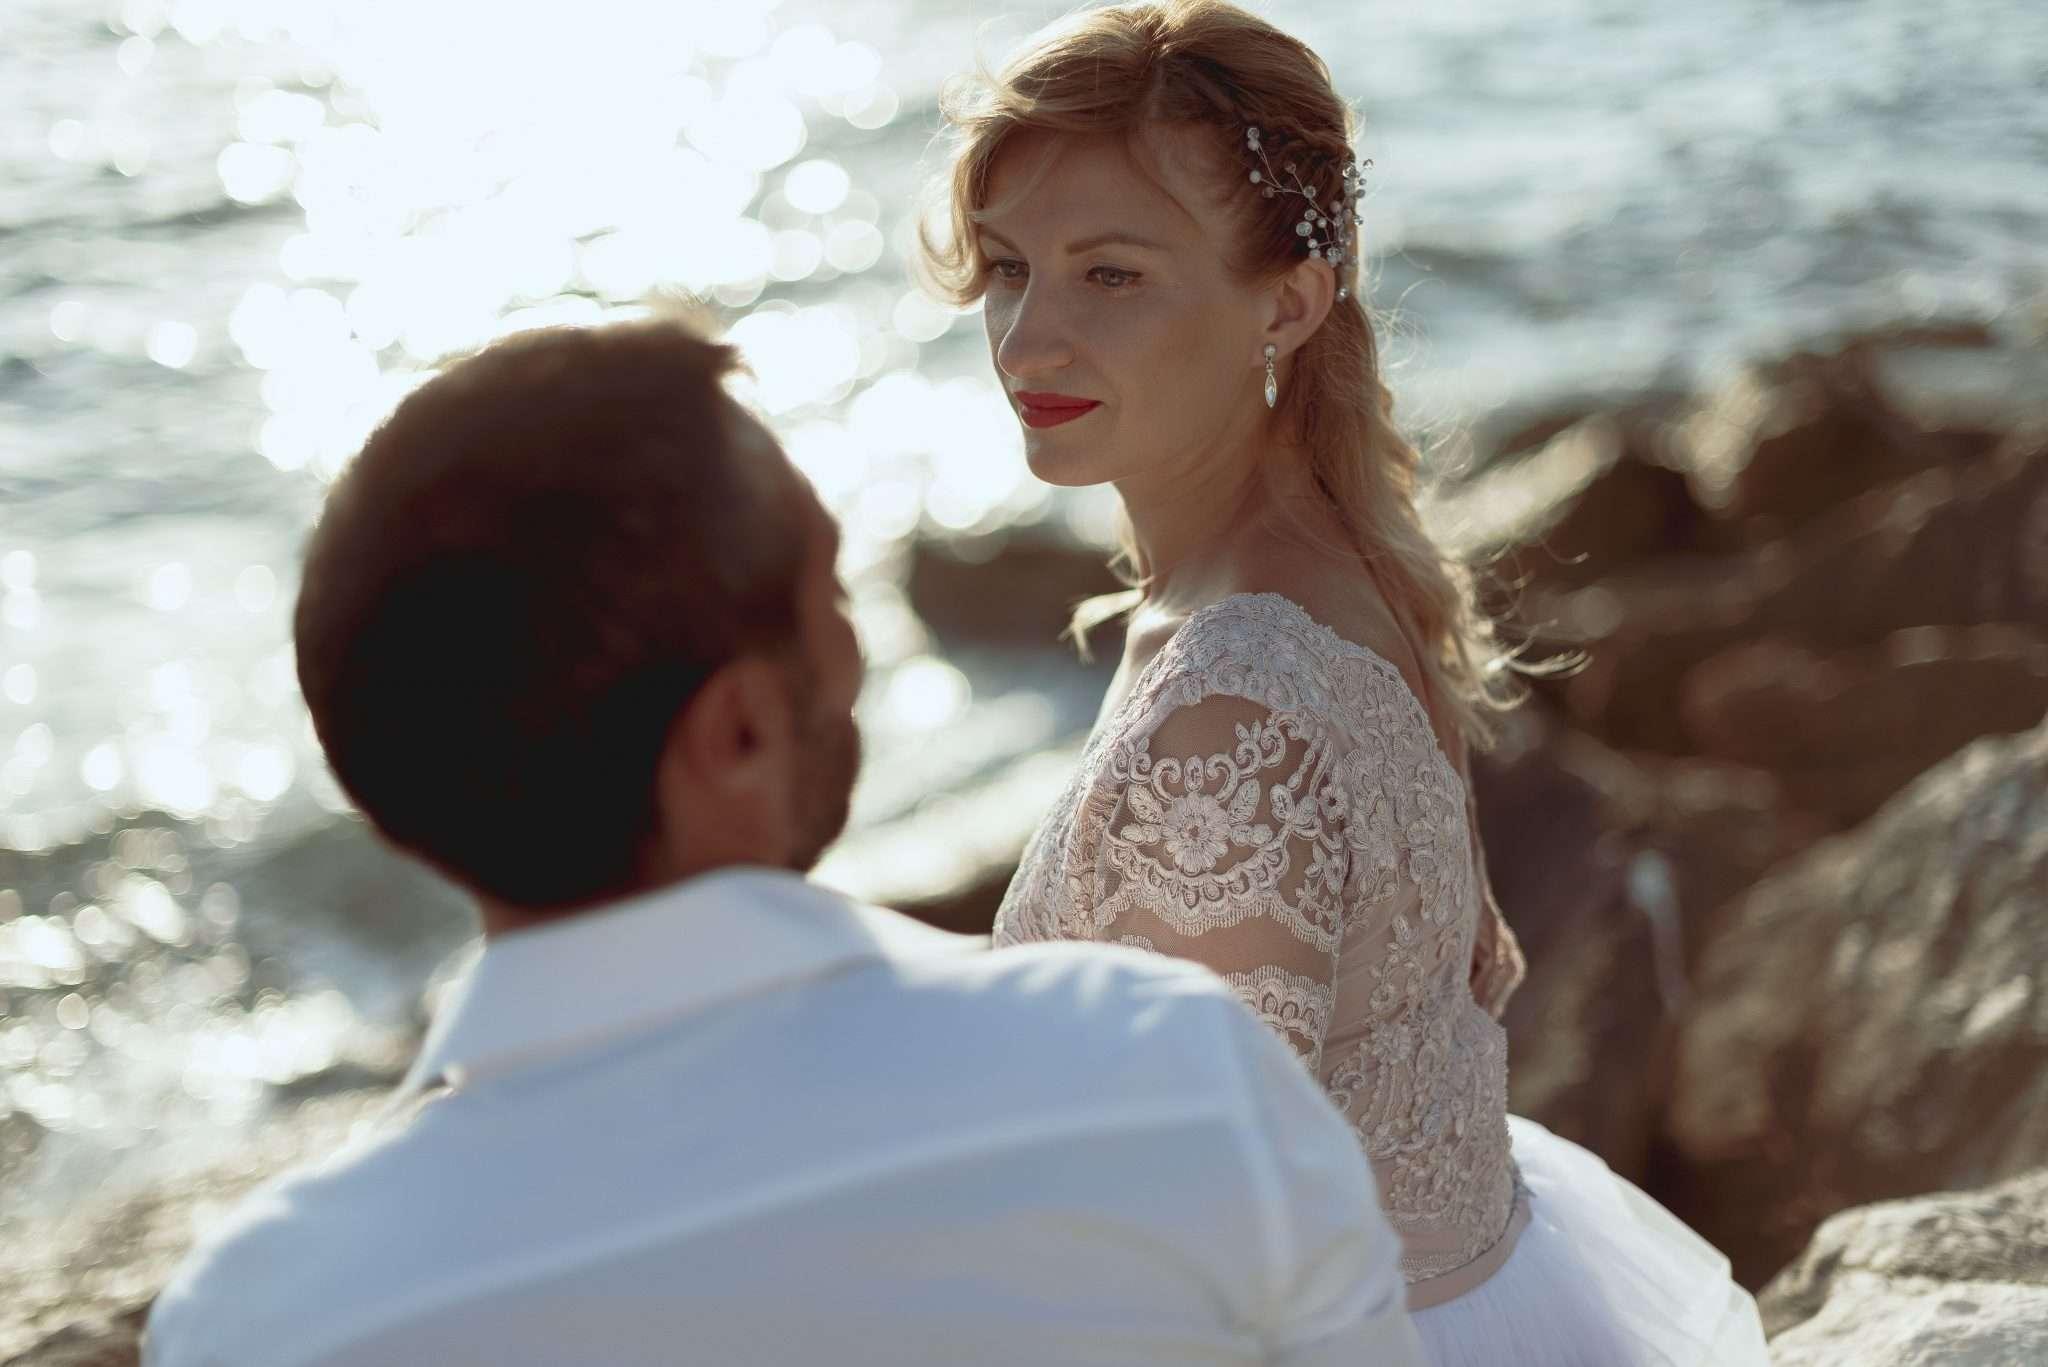 Fotografia sposi al mare reportage Pozzuoli realizzata da Barbara Trincone fotografa con studio a Pozzuoli - Napoli